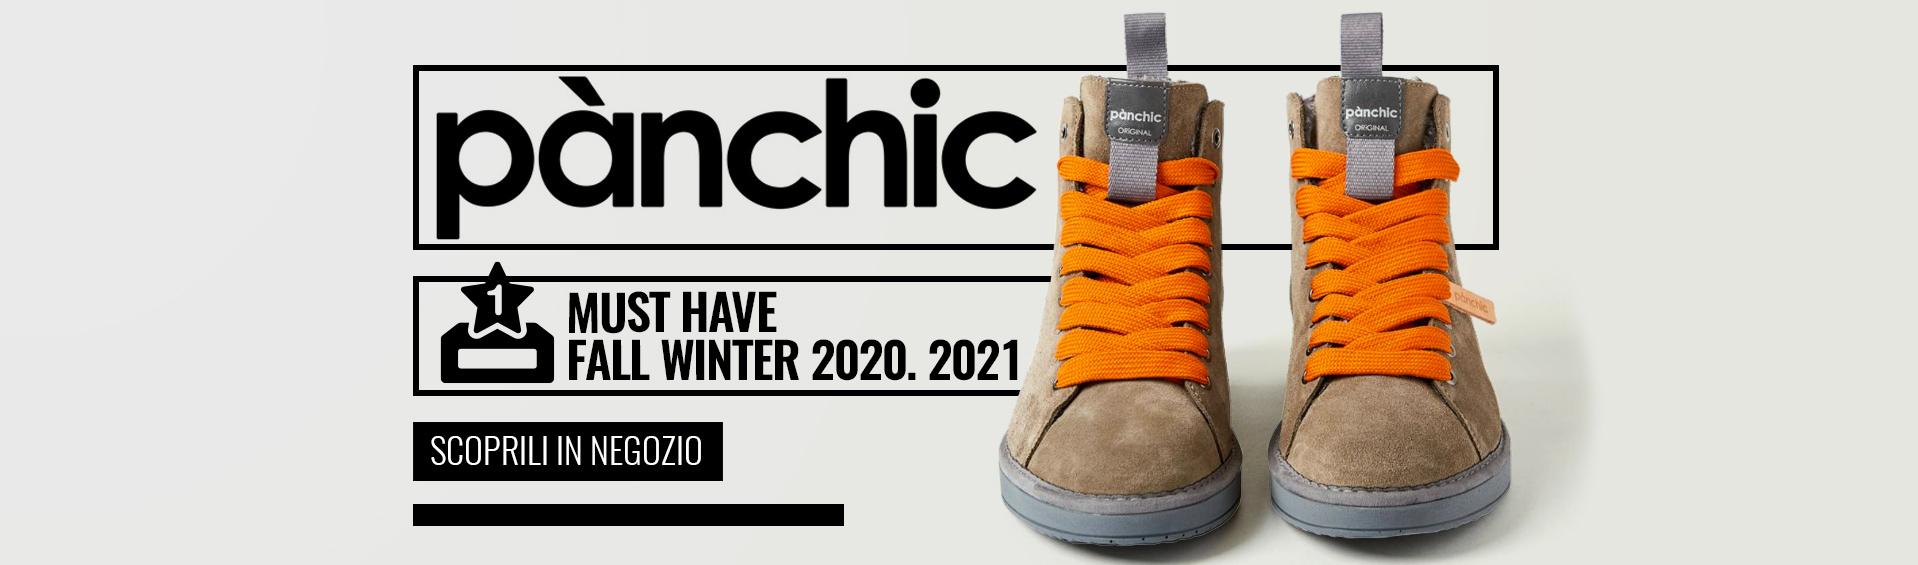 panchic-negozio-prato-scarpelli-calzature-2020